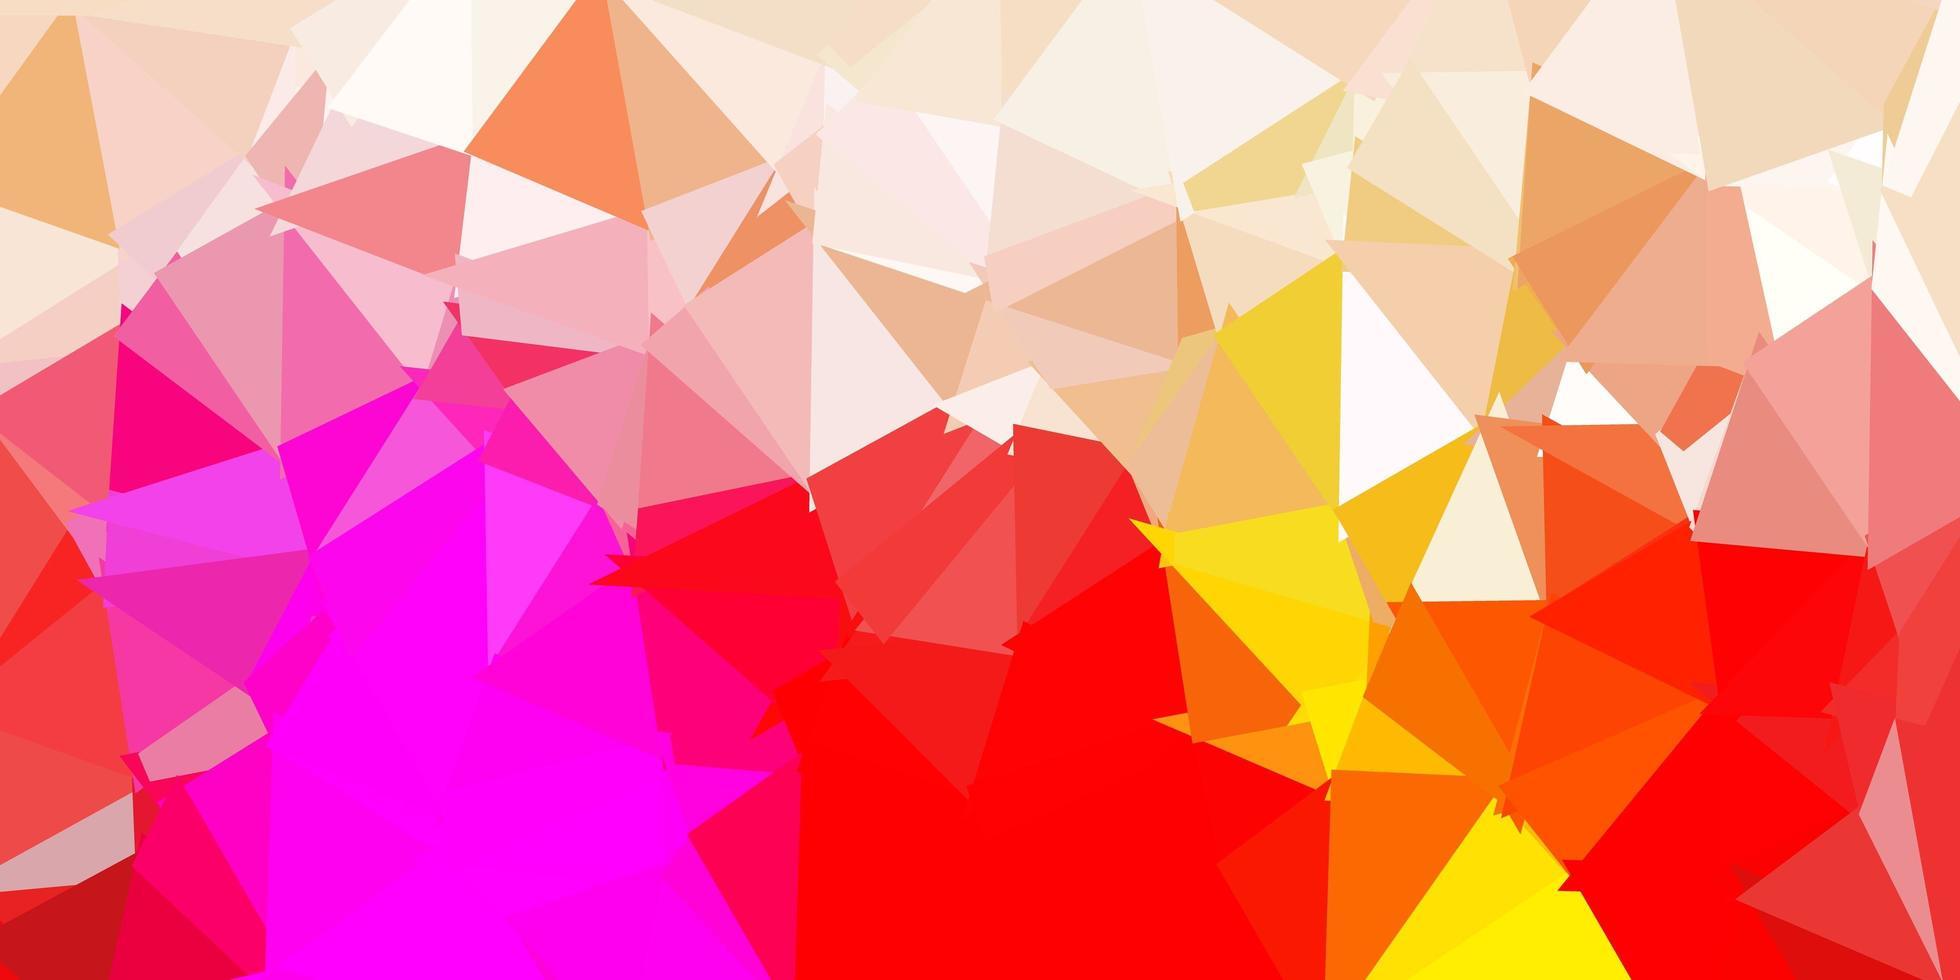 textura de triângulo abstrato de vetor rosa e amarelo claro.